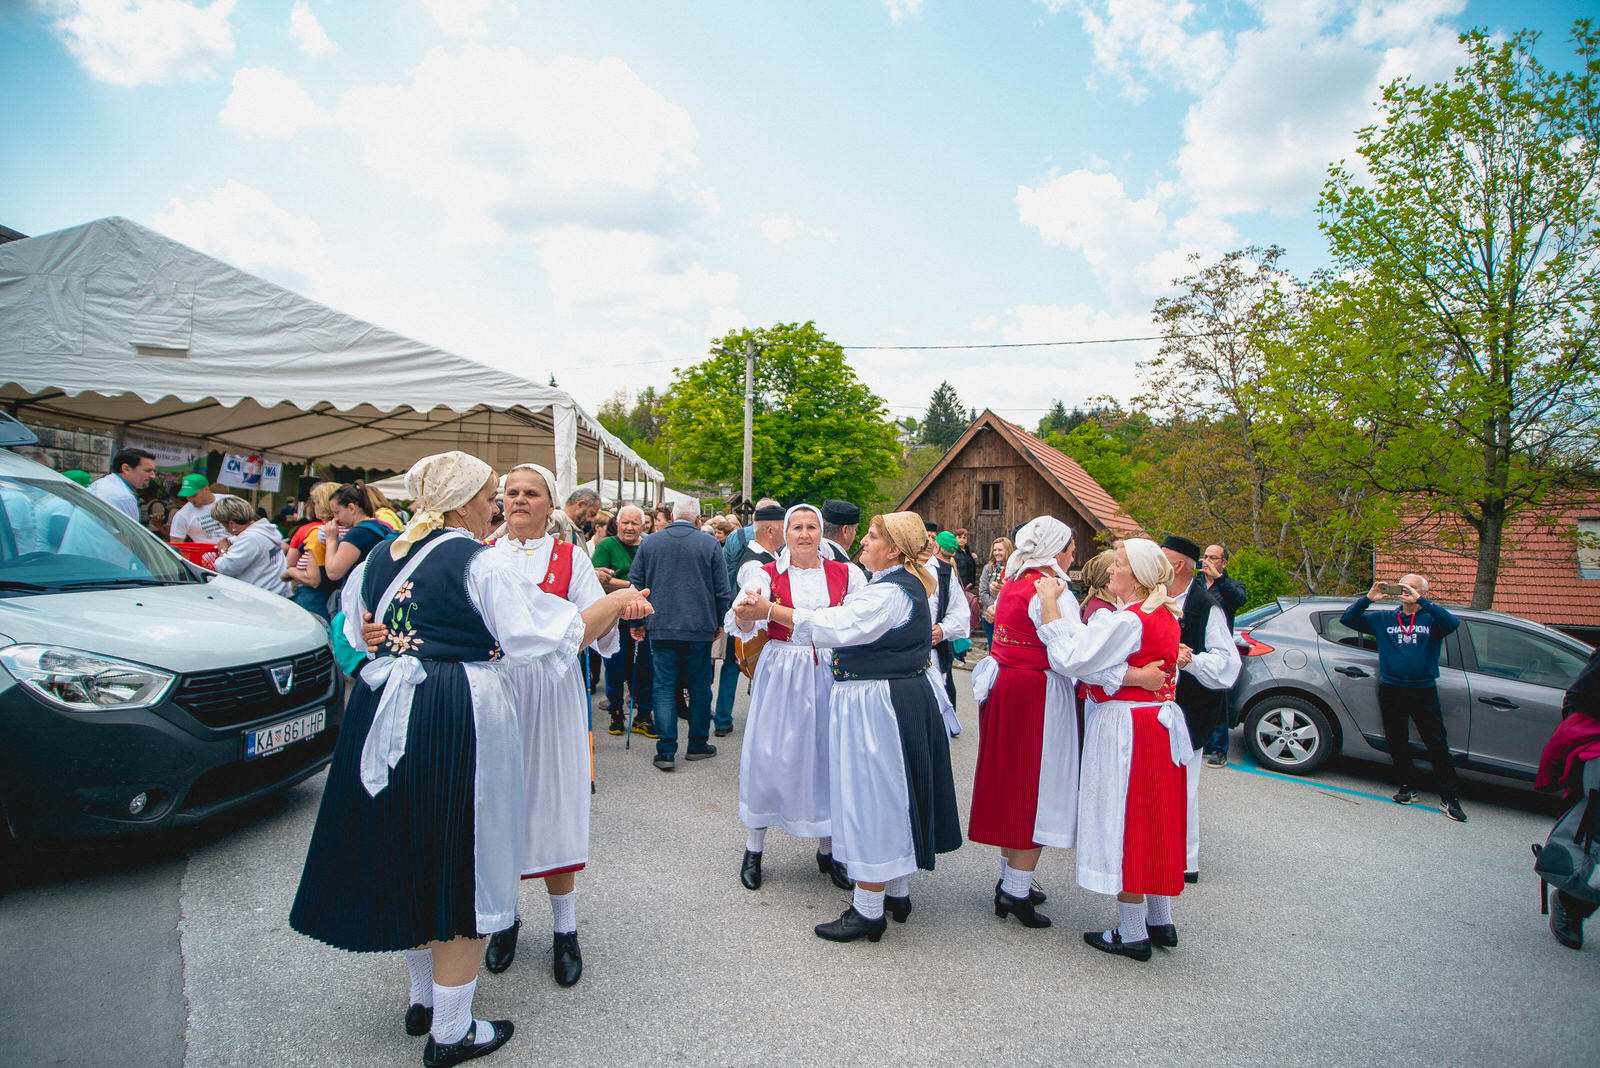 likaclub_slunj_rastoke_5-festival-nordijskog-hodanja_2019-98